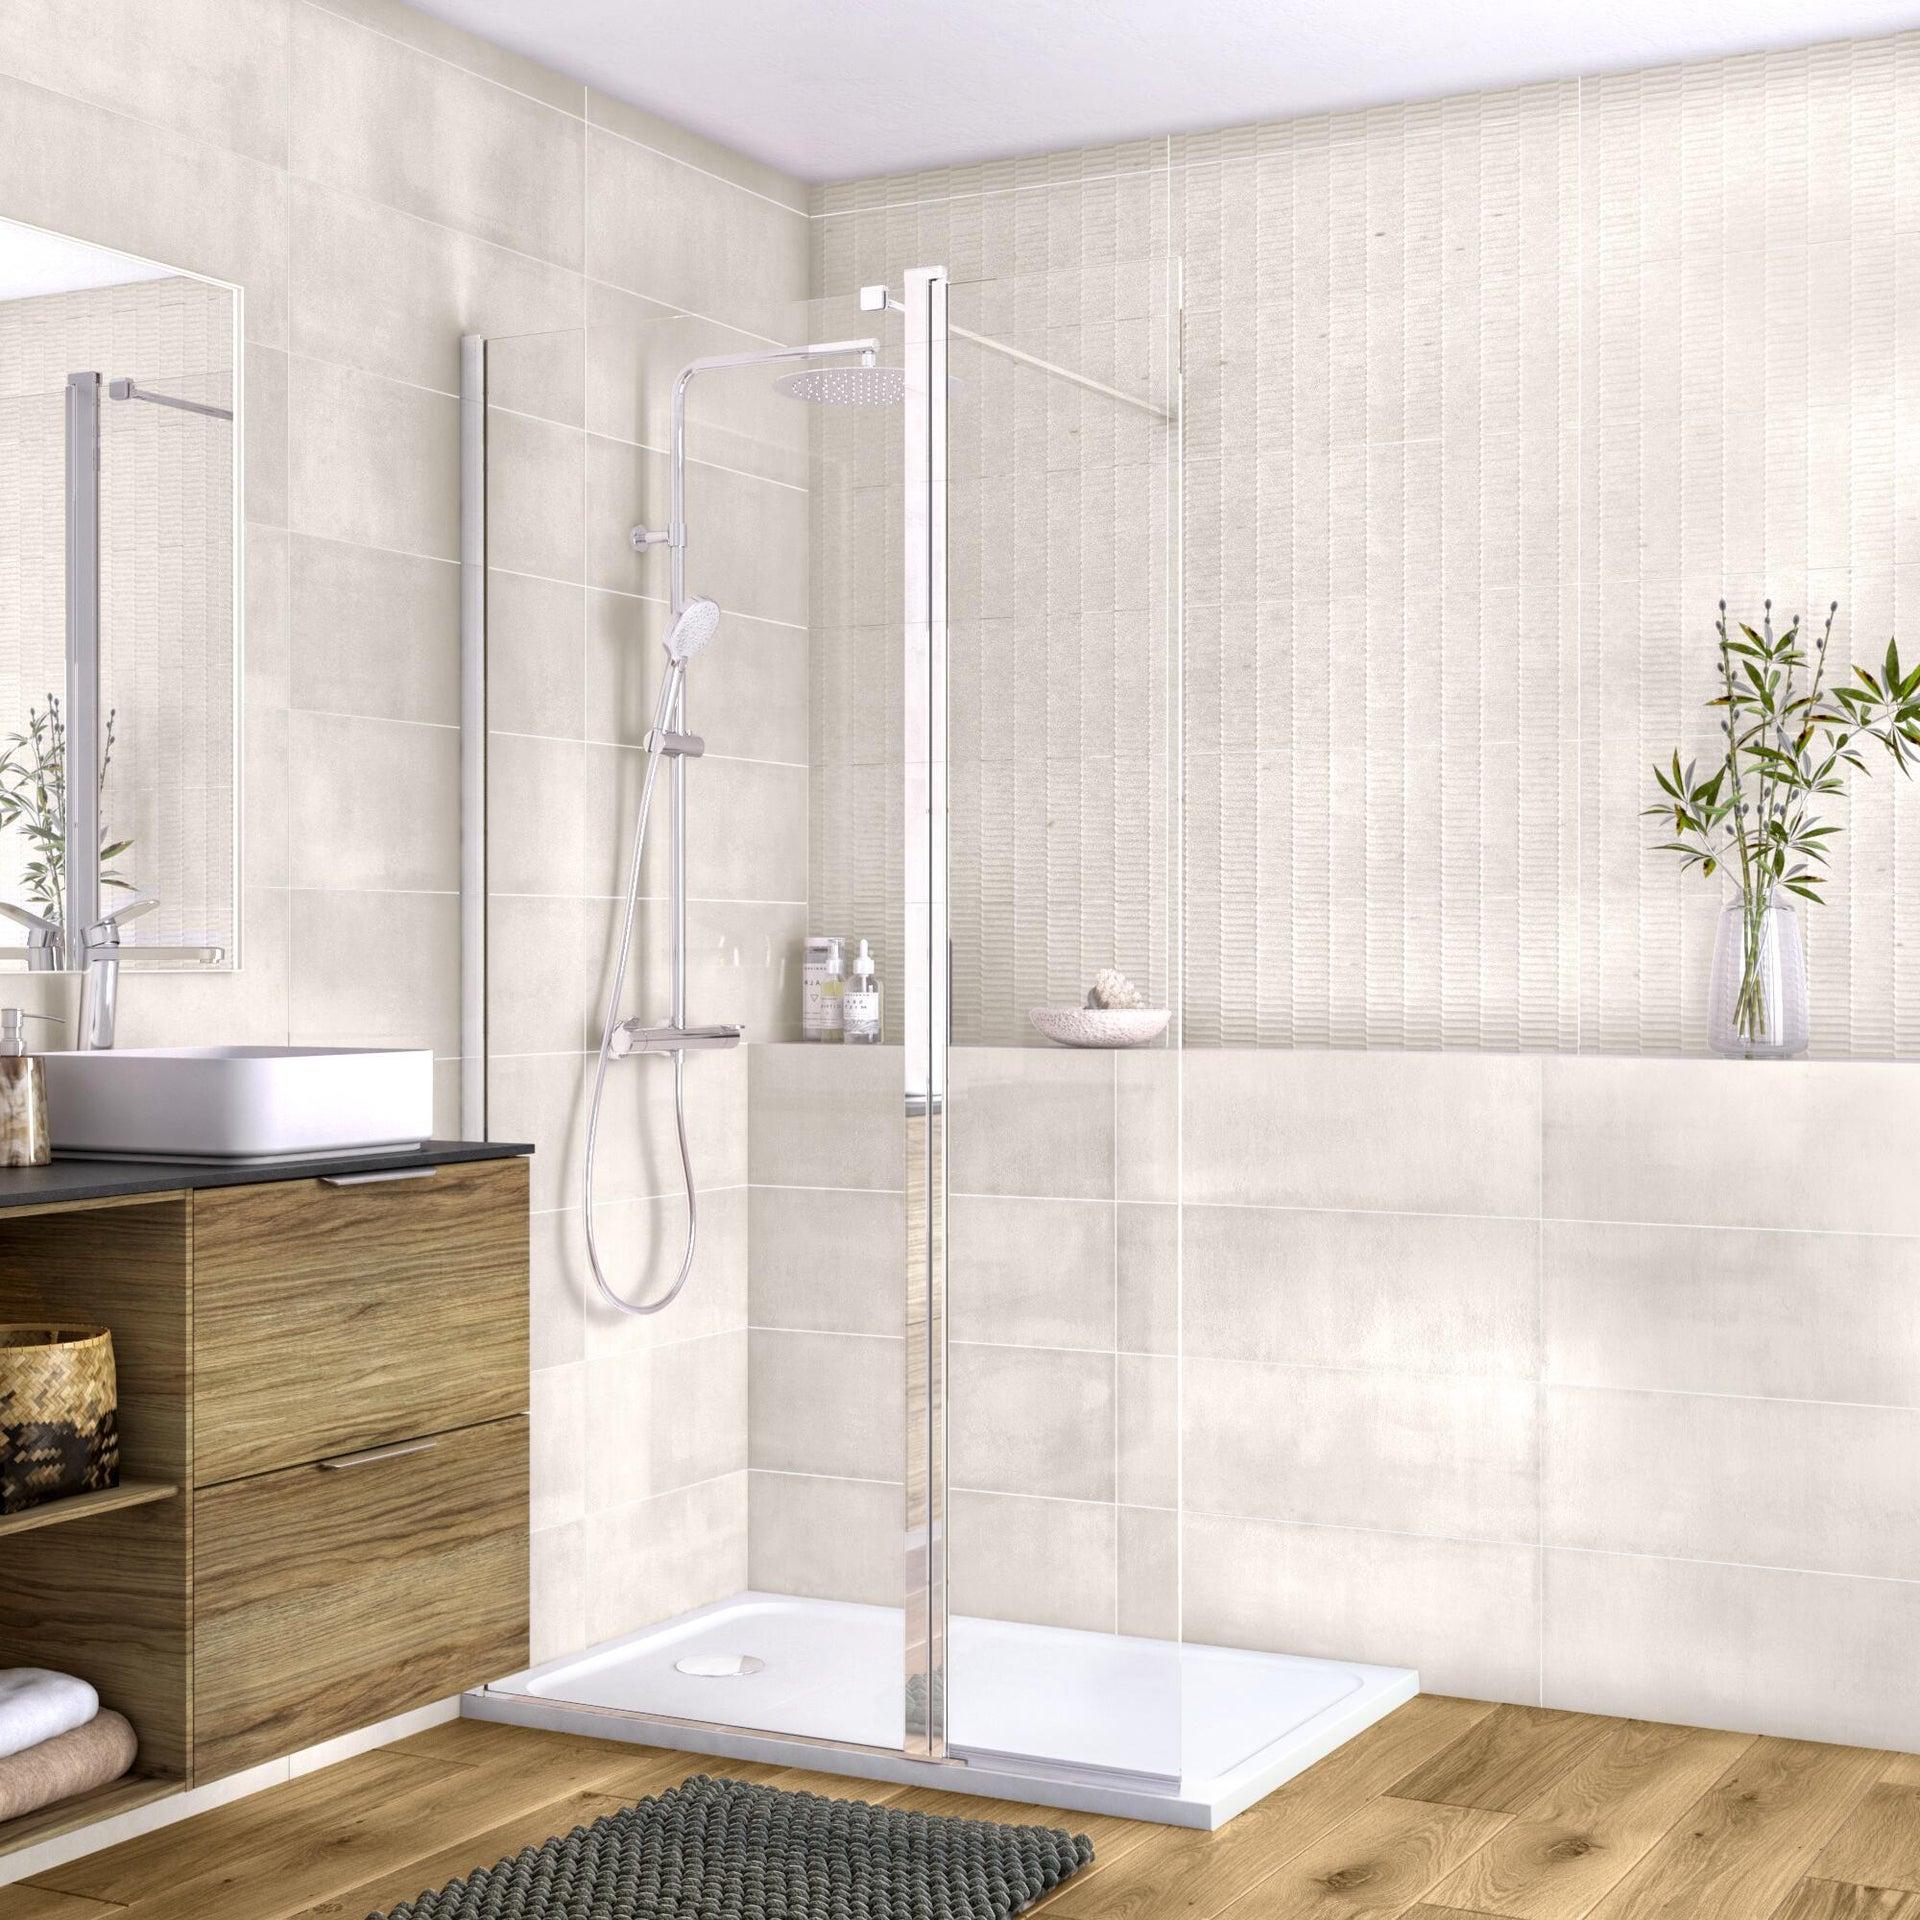 Piatto doccia resina sintetica e polvere di marmo Easy 80 x 120 cm bianco - 14